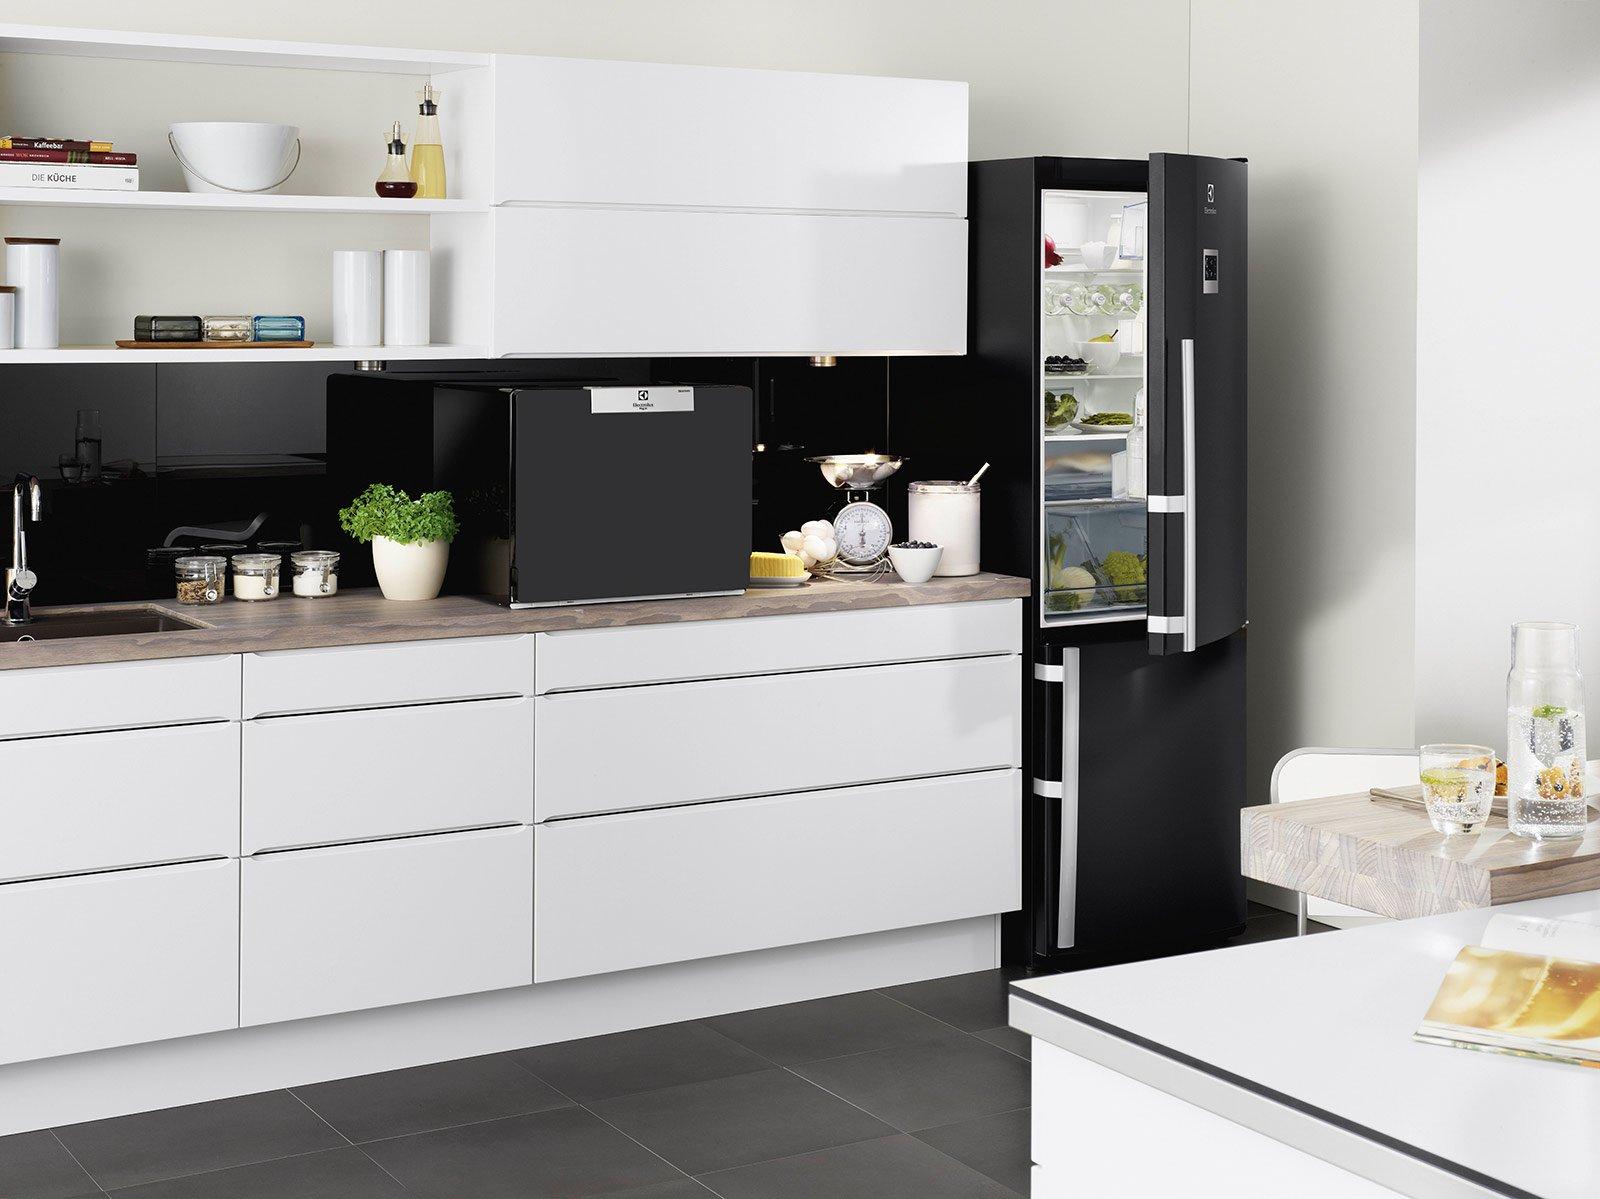 Elettrodomestici piccoli per risparmiare spazio cose di casa - Cucine con lavatrice ...